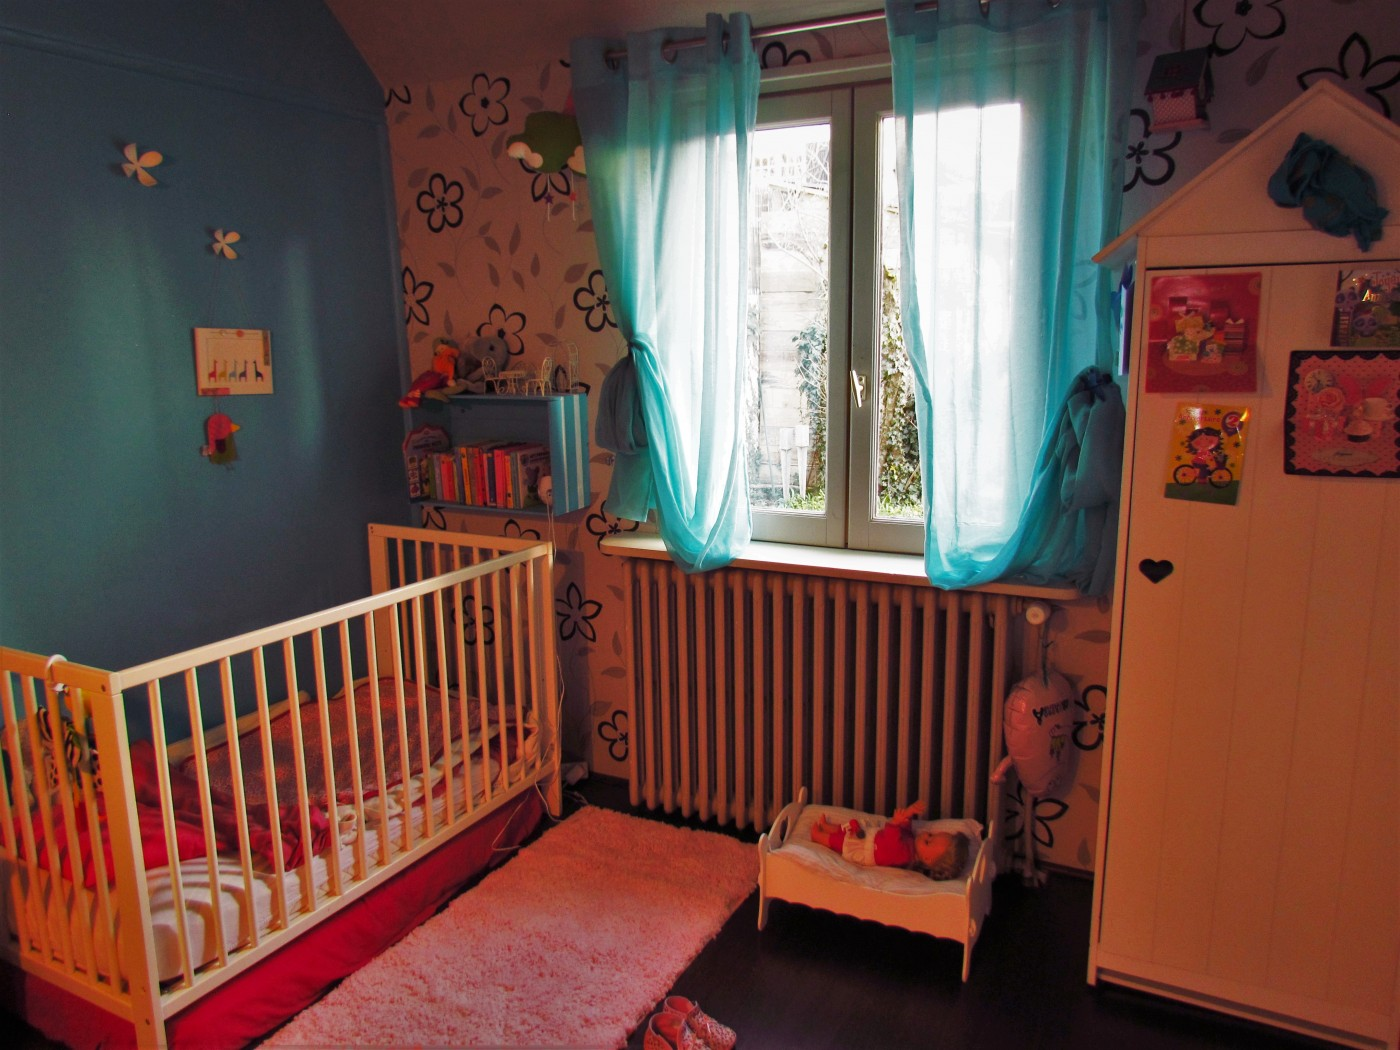 un tapis de salle de bain zodi d tourn pour la chambre d 39 une petite fille blog z dio. Black Bedroom Furniture Sets. Home Design Ideas